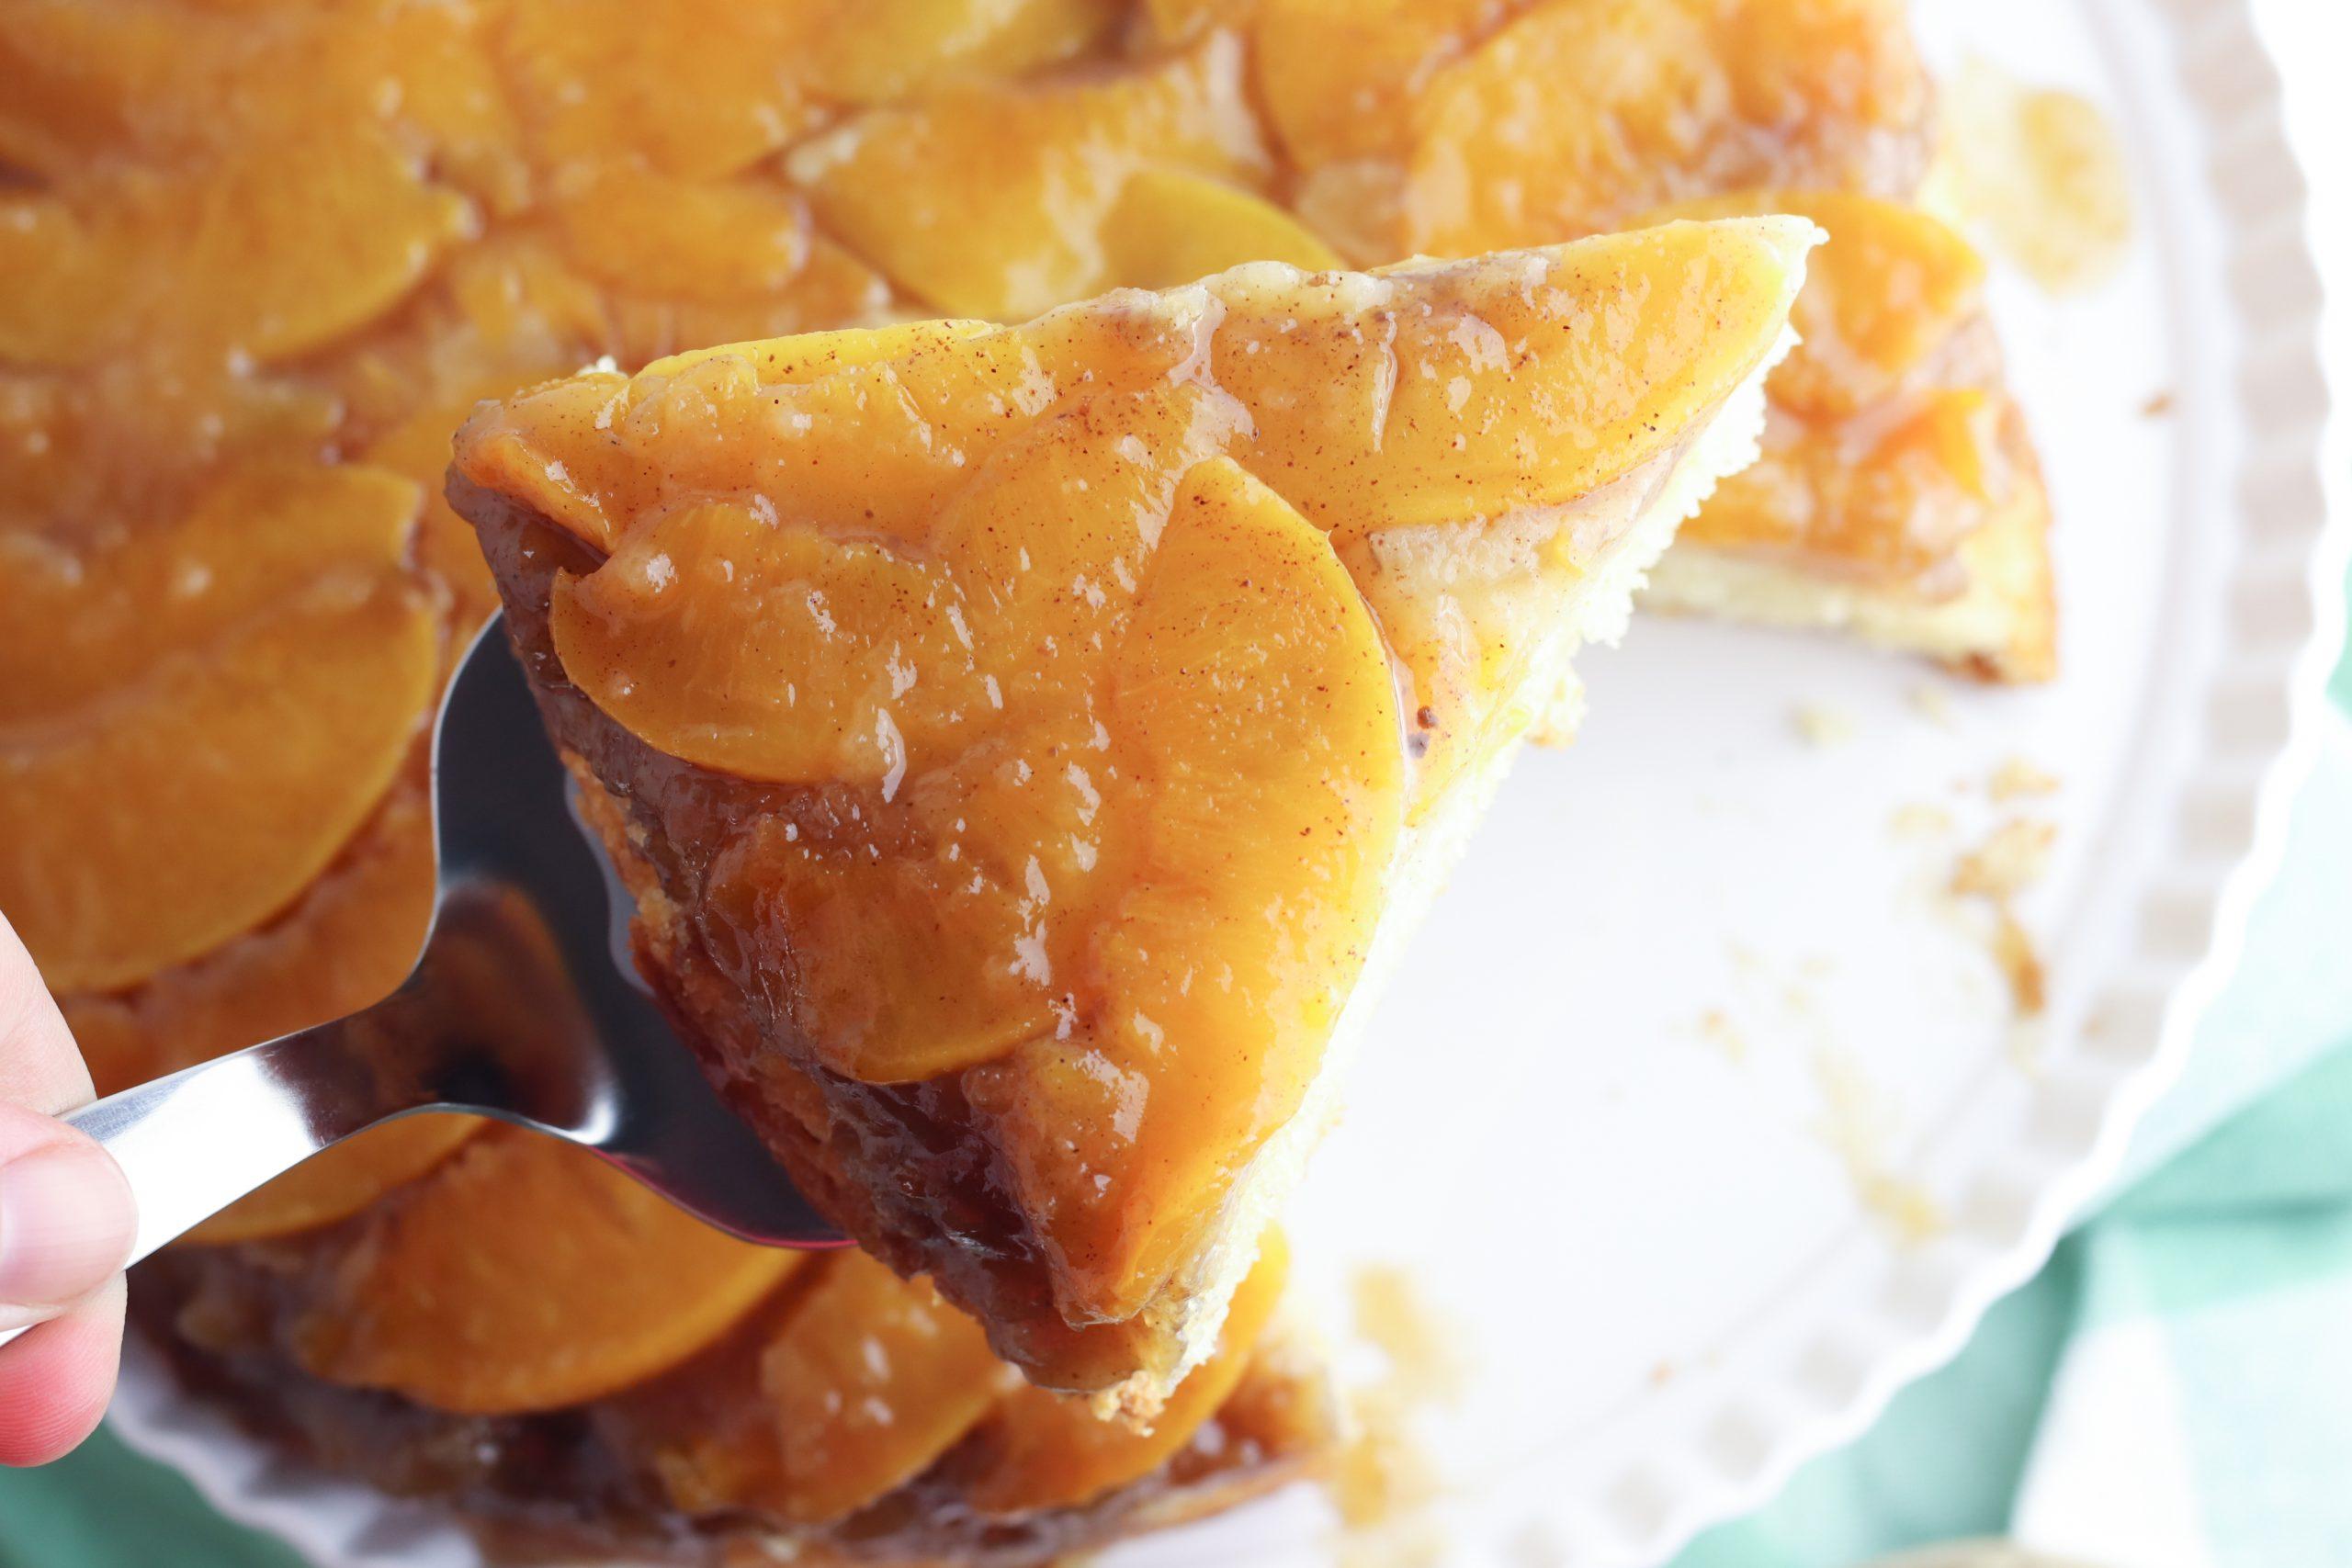 Peach Upside Down Cake Recipe is a great summer dessert recipe